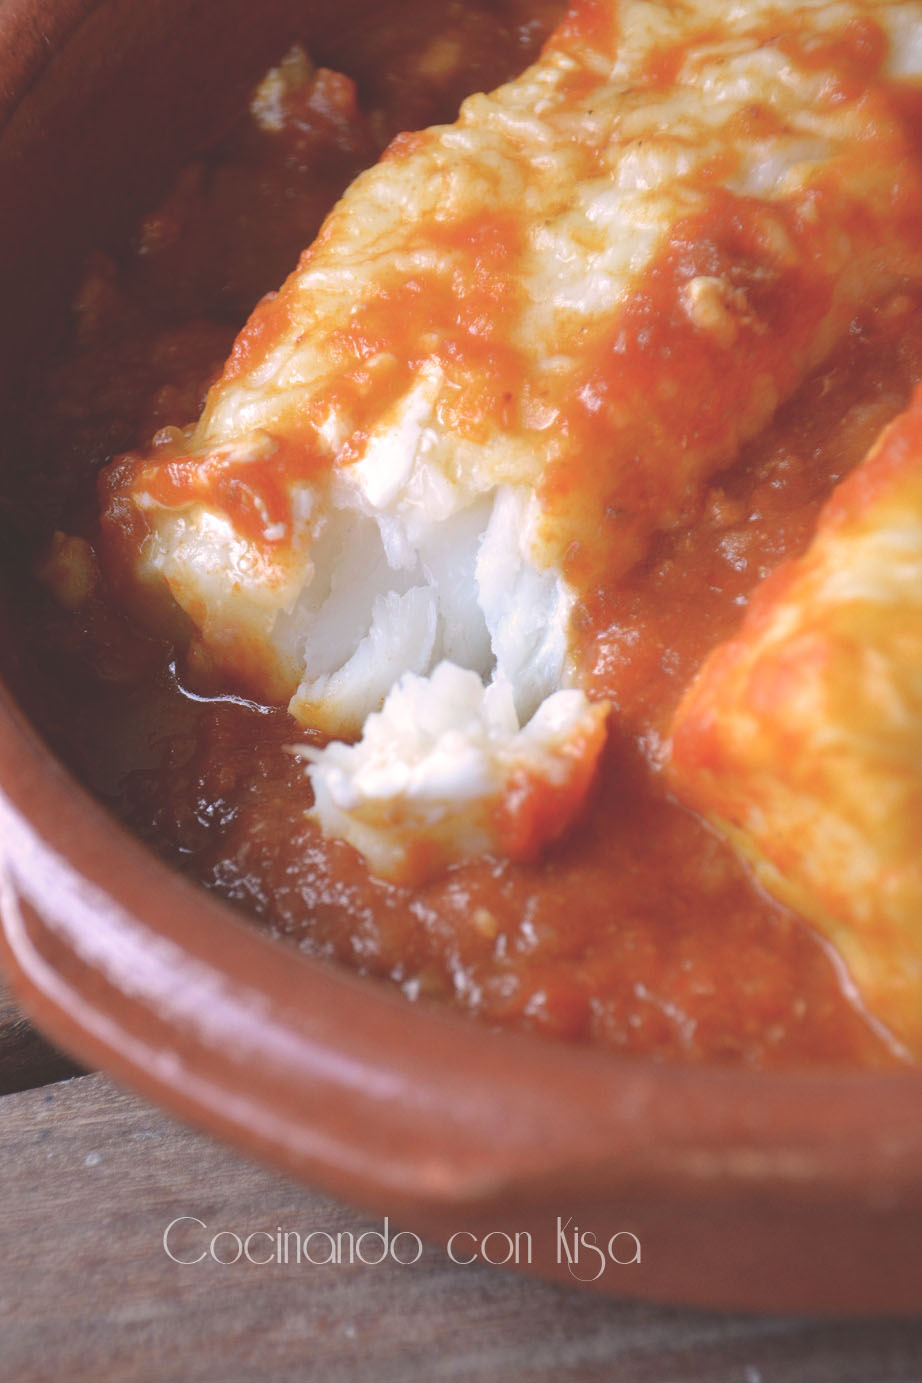 Cocinando con kisa bacalao con tomate fussioncook for Cocinando con kisa